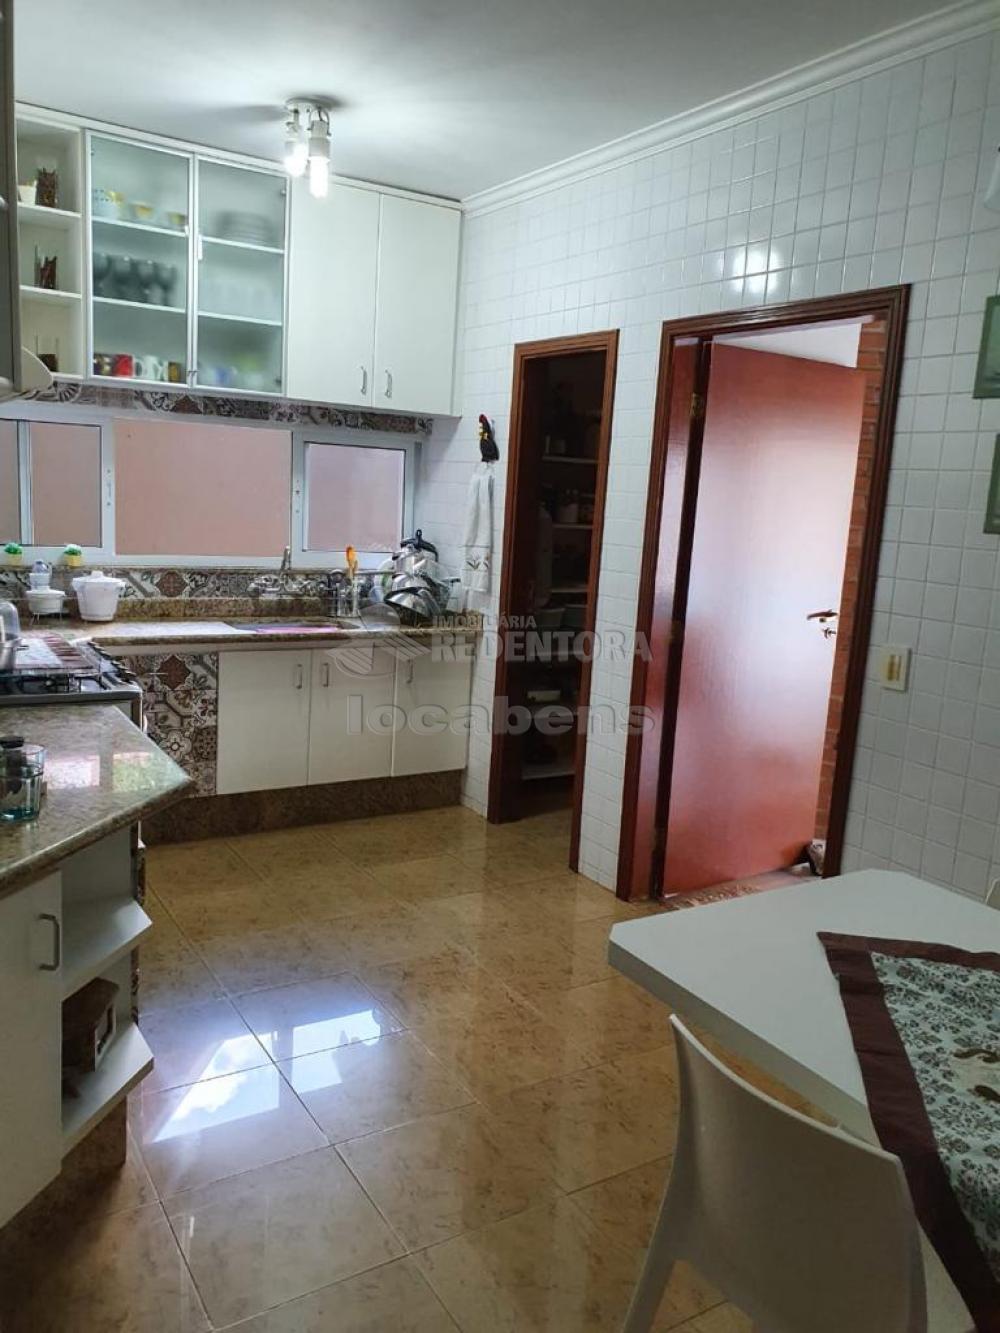 Comprar Casa / Condomínio em São José do Rio Preto R$ 1.270.000,00 - Foto 16